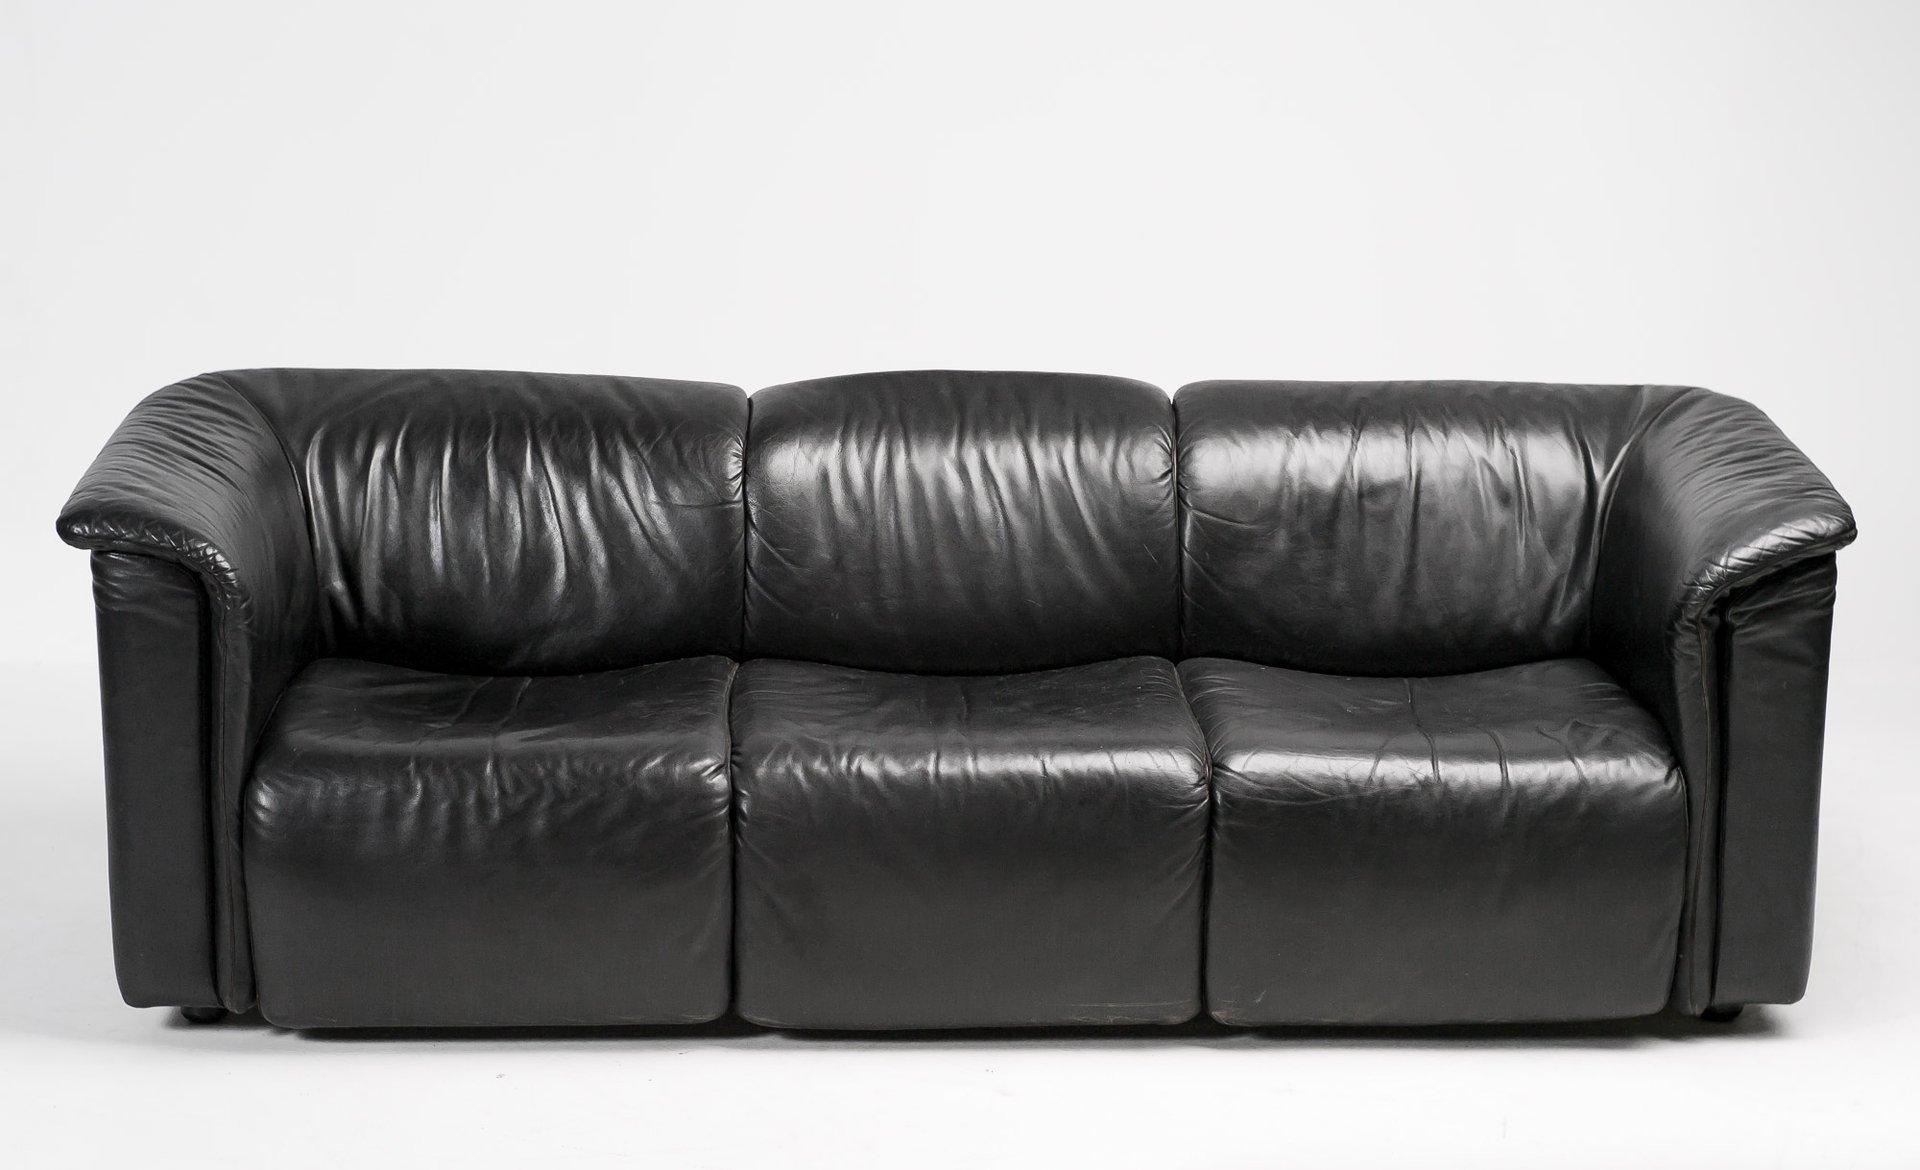 Hochbarett Black Three Seater Sofa From Wittmann Moebel For Sale At Pamono